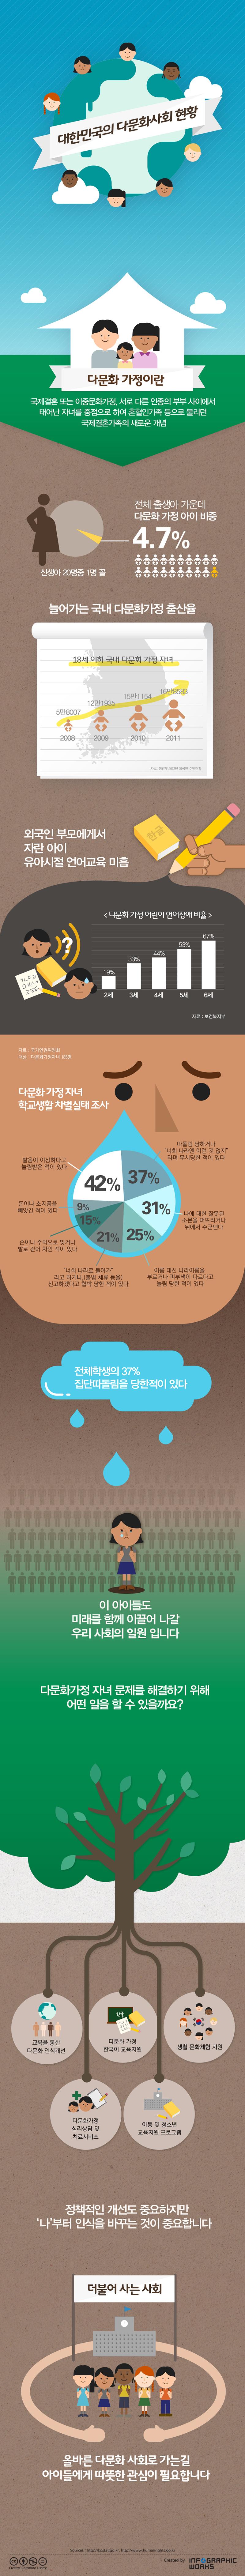 대한민국 다문화사회 현황  출처 : www.infographicworks.com